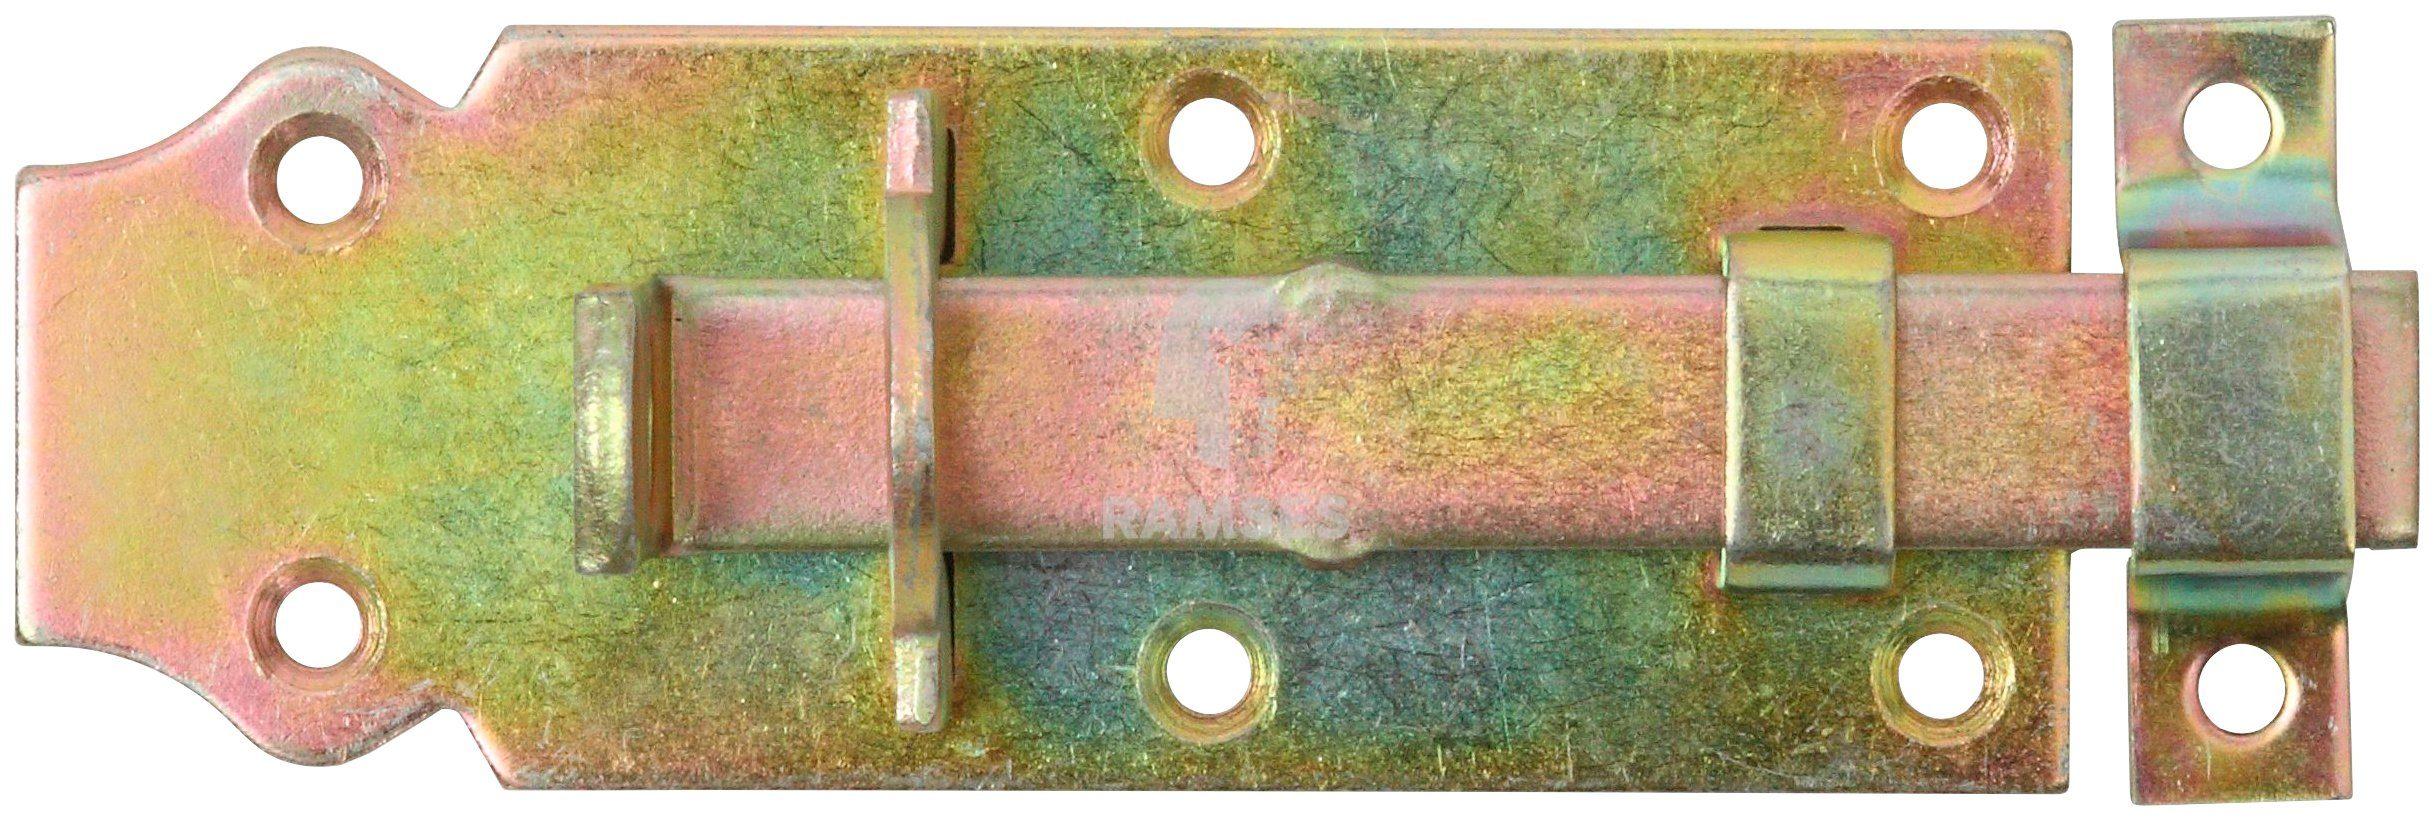 RAMSES Türriegel , mit Schlaufe 160x65 mm Stahl verzinkt